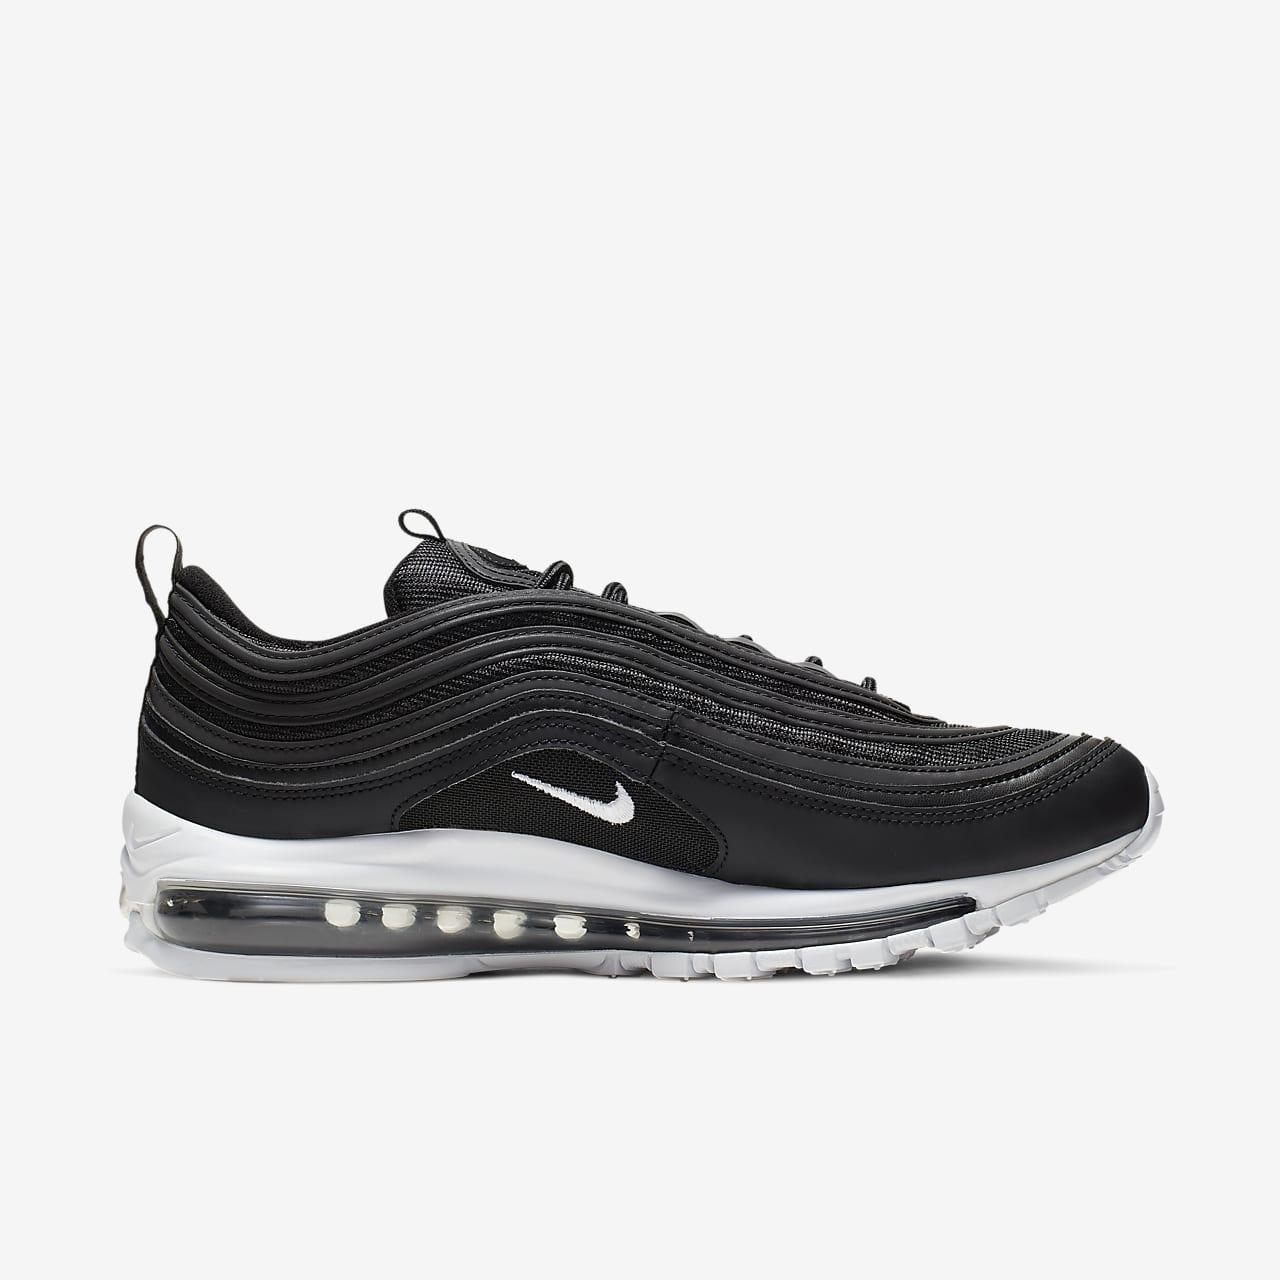 Nike Air Max 97 Herrenschuh Herrenschuh Herrenschuh 497f2a